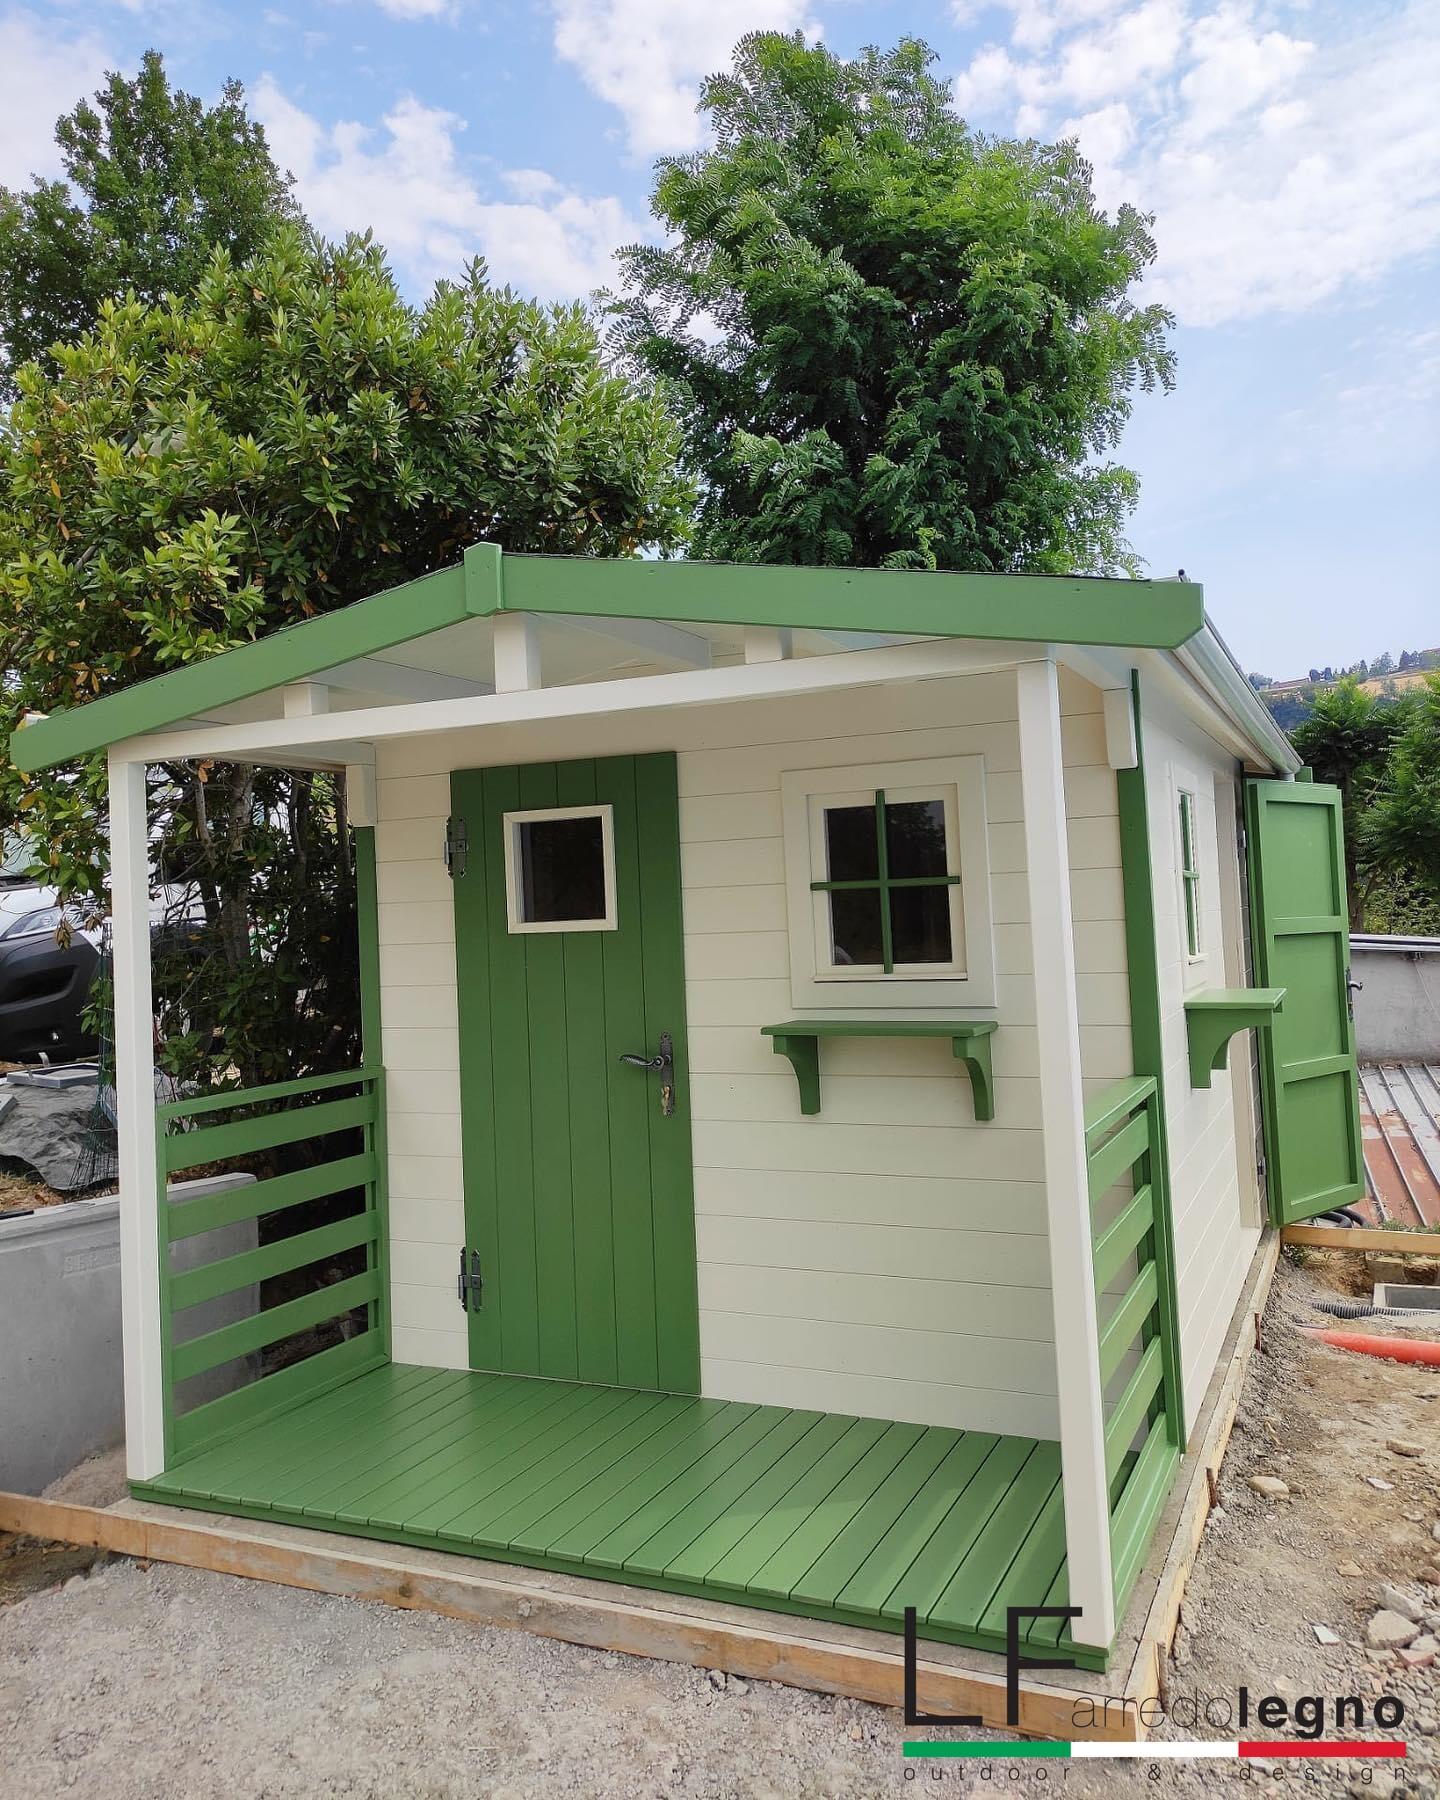 Casetta in legno doppia falda 2,50 x 4 m colore smaltato verde e bianco